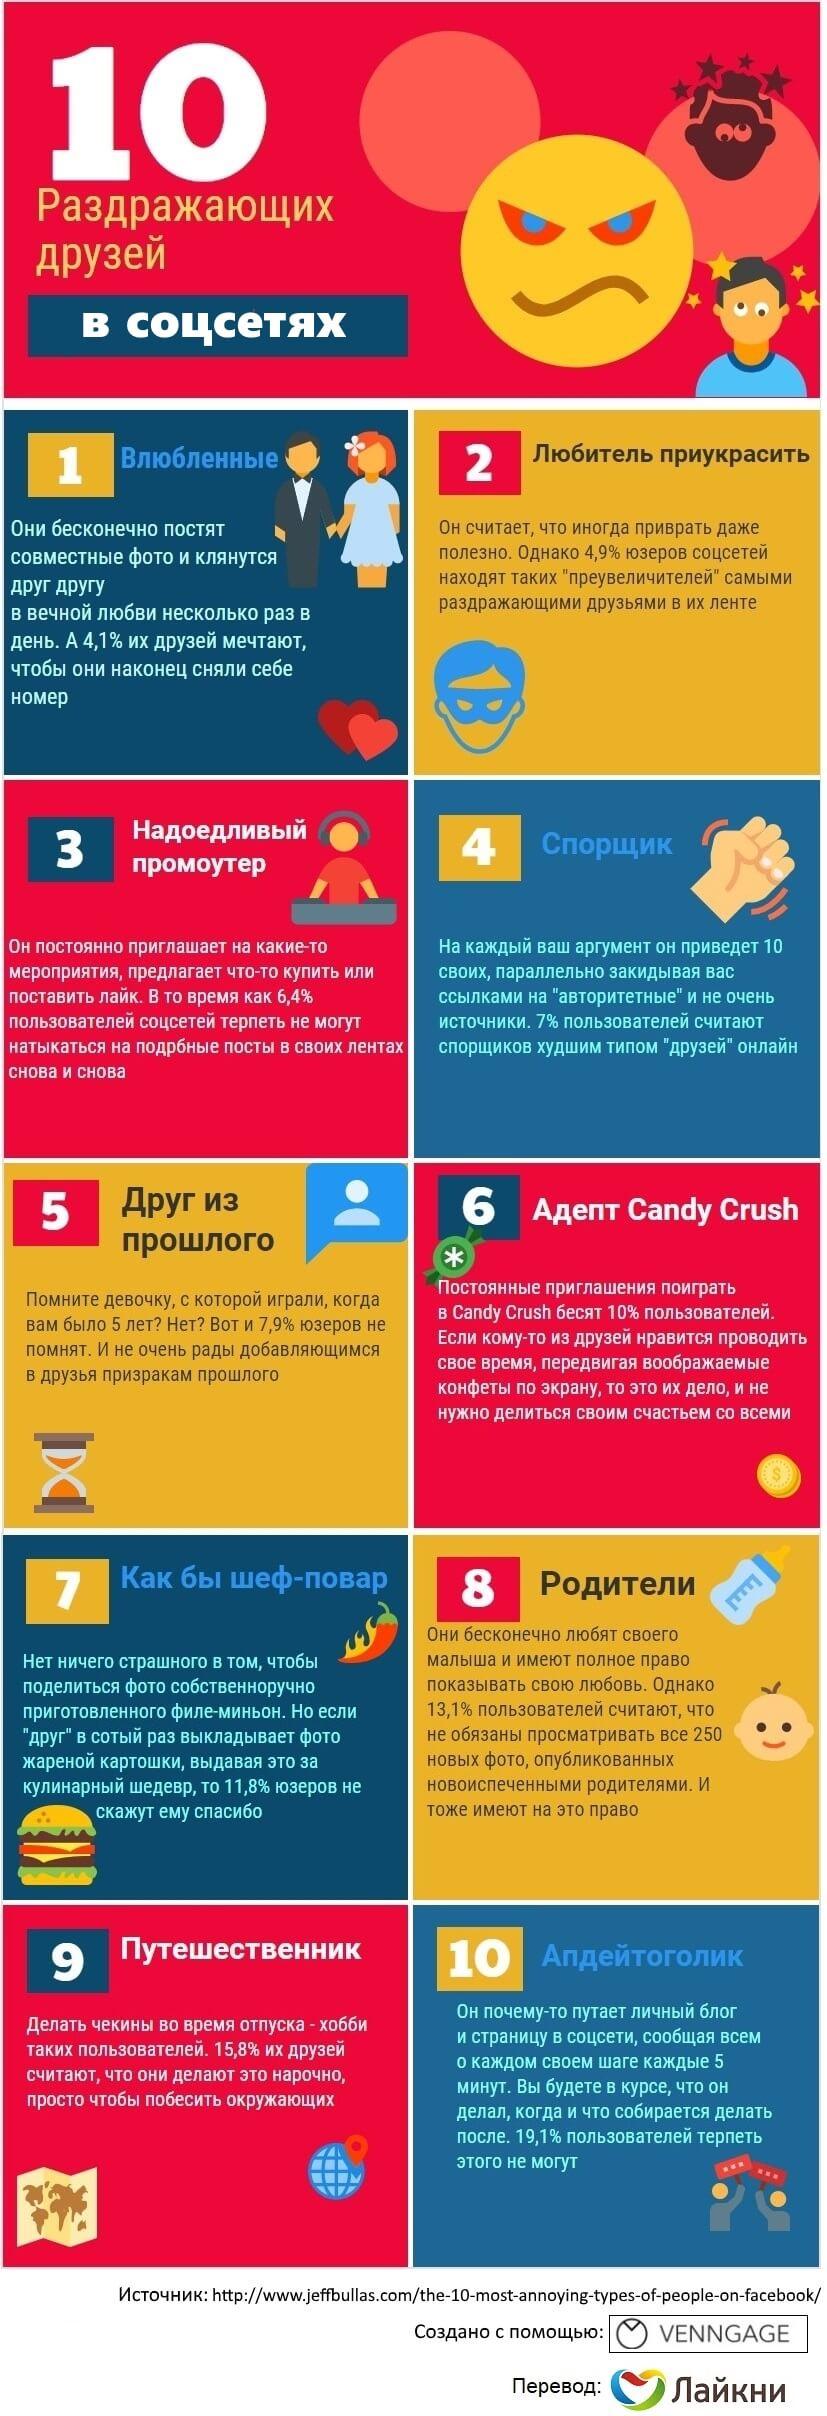 Инфографика: 10 самых раздражающих пользователей соцсетей